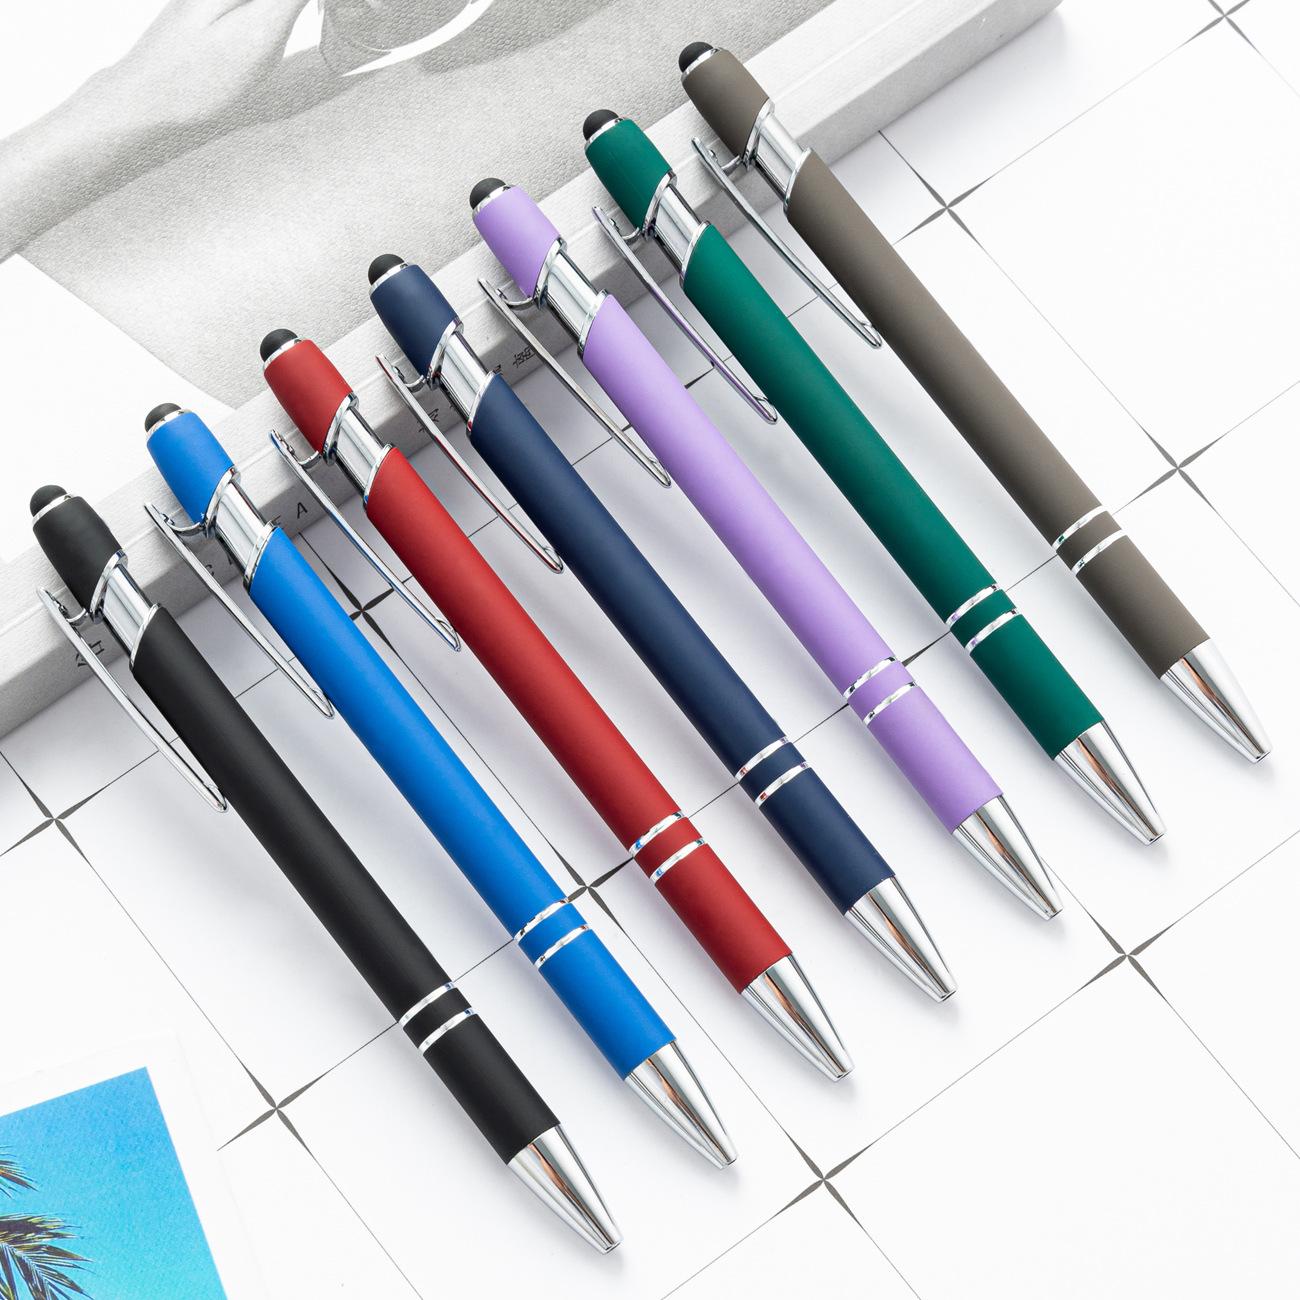 金属按动笔铝杆笔美极笔电容触控圆珠笔手写触屏笔定制logo礼品笔